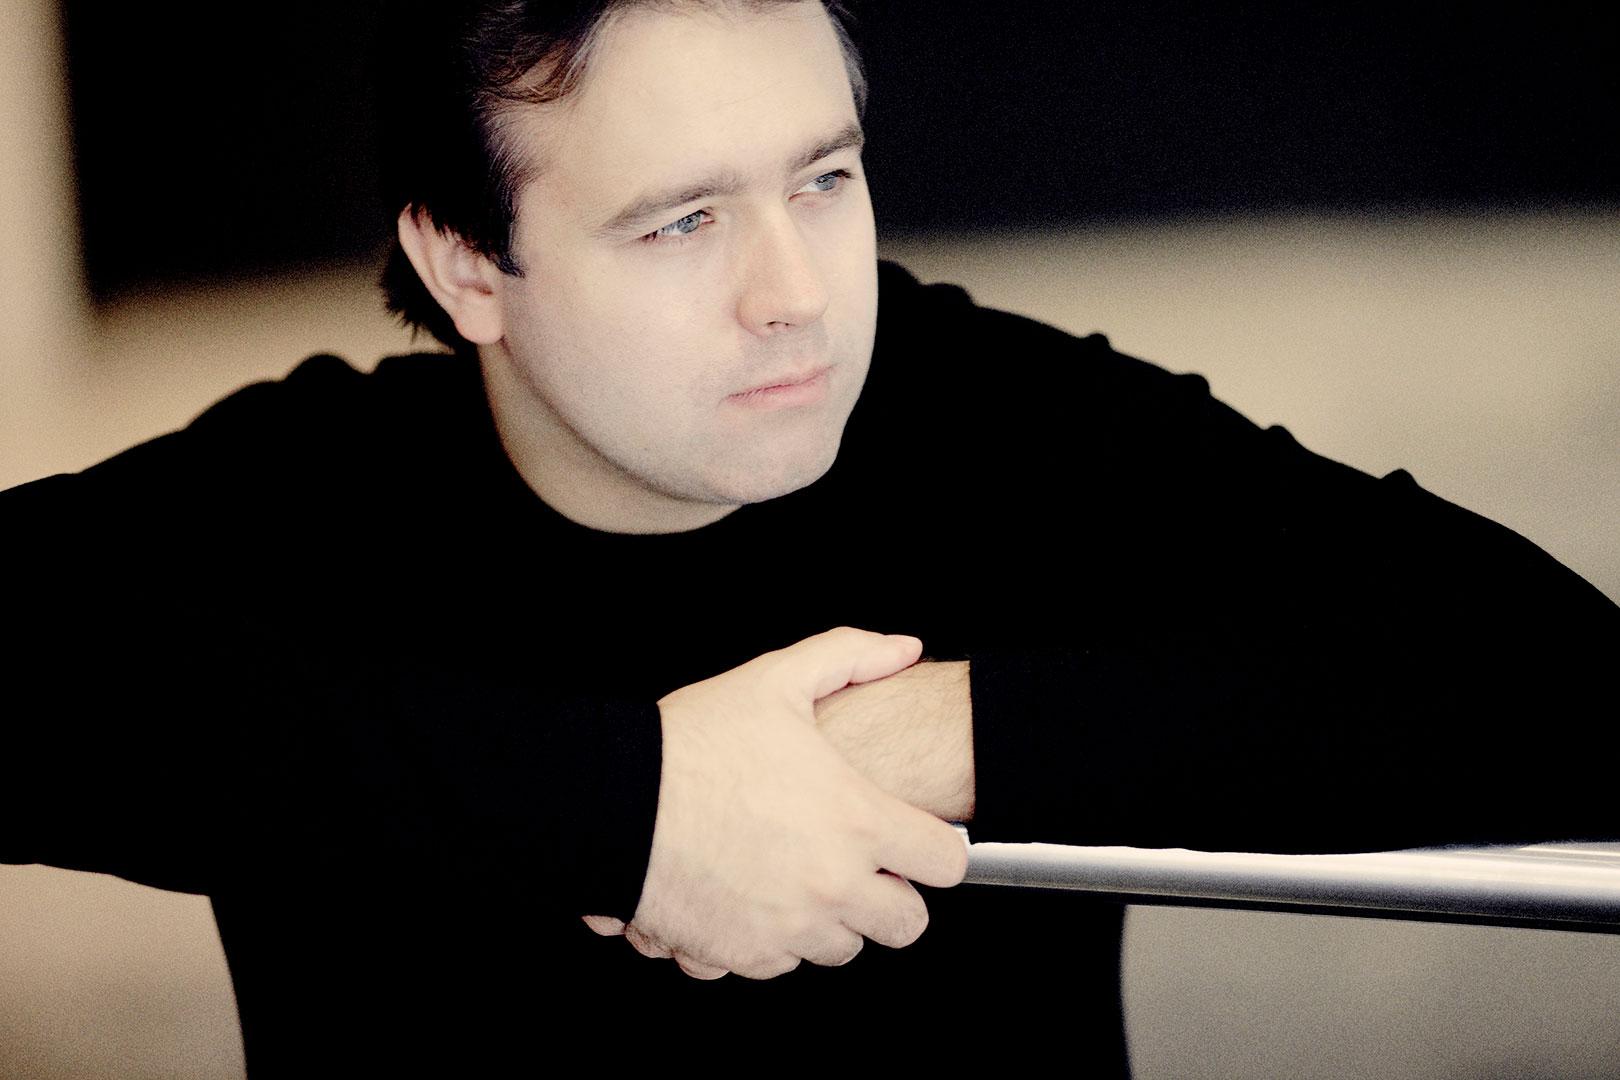 El pianista ruso Alexei Volodin abre mañana el Festival Ibérico de Música de Badajoz